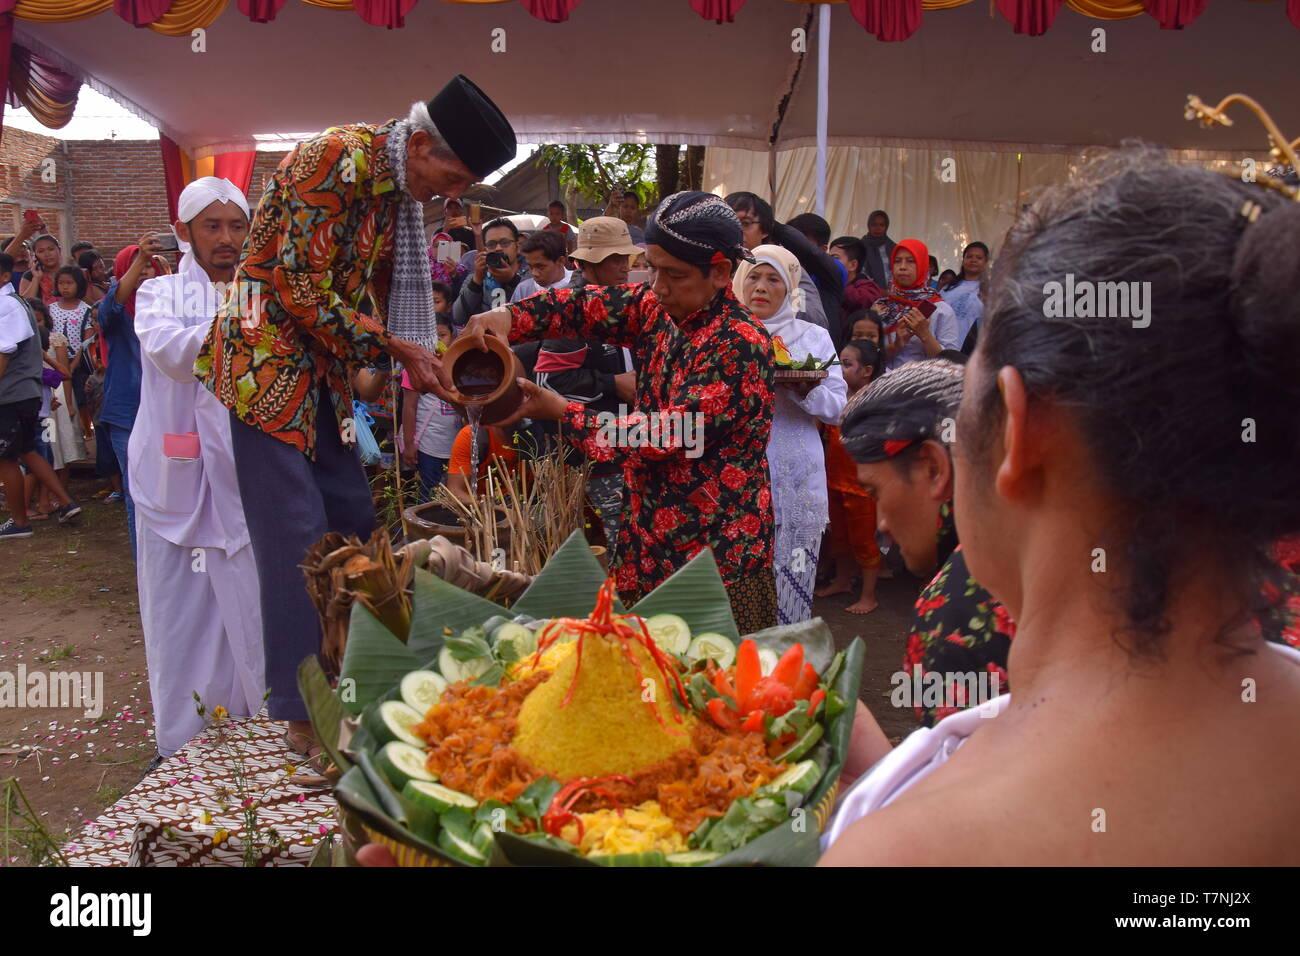 """""""Bojong Banyu', poblado indonesio tradiciones bienvenido al mes de ayuno, enjuagar con agua proveniente de una aldea manantial que nunca se seca Foto de stock"""